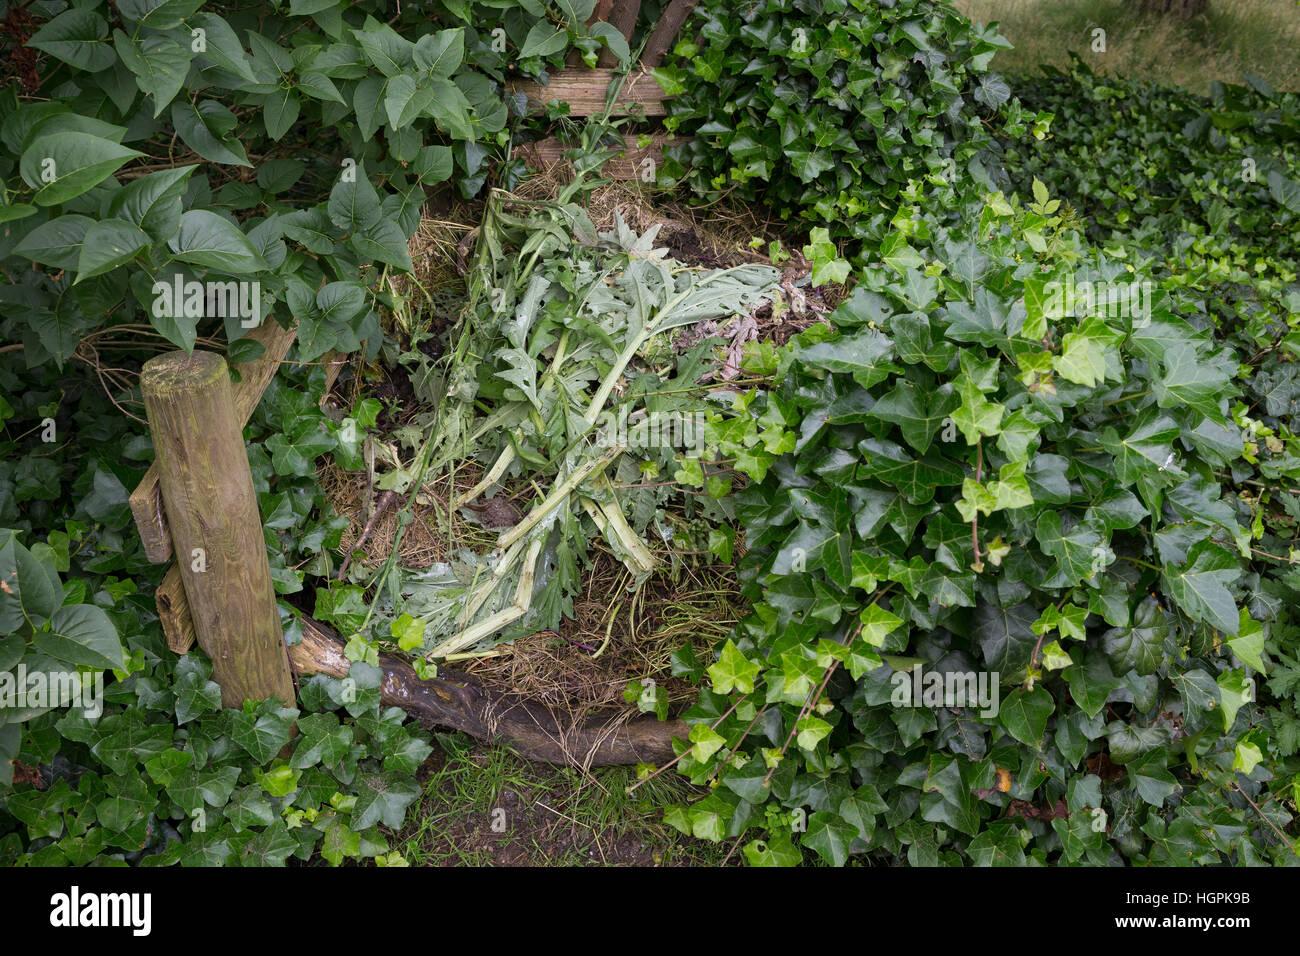 Komposthaufen, Kompost-Haufen, Kompost, Humus, Kompostieren, Kompostierung, Rotte, Gartenabfälle im Garten, - Stock Image